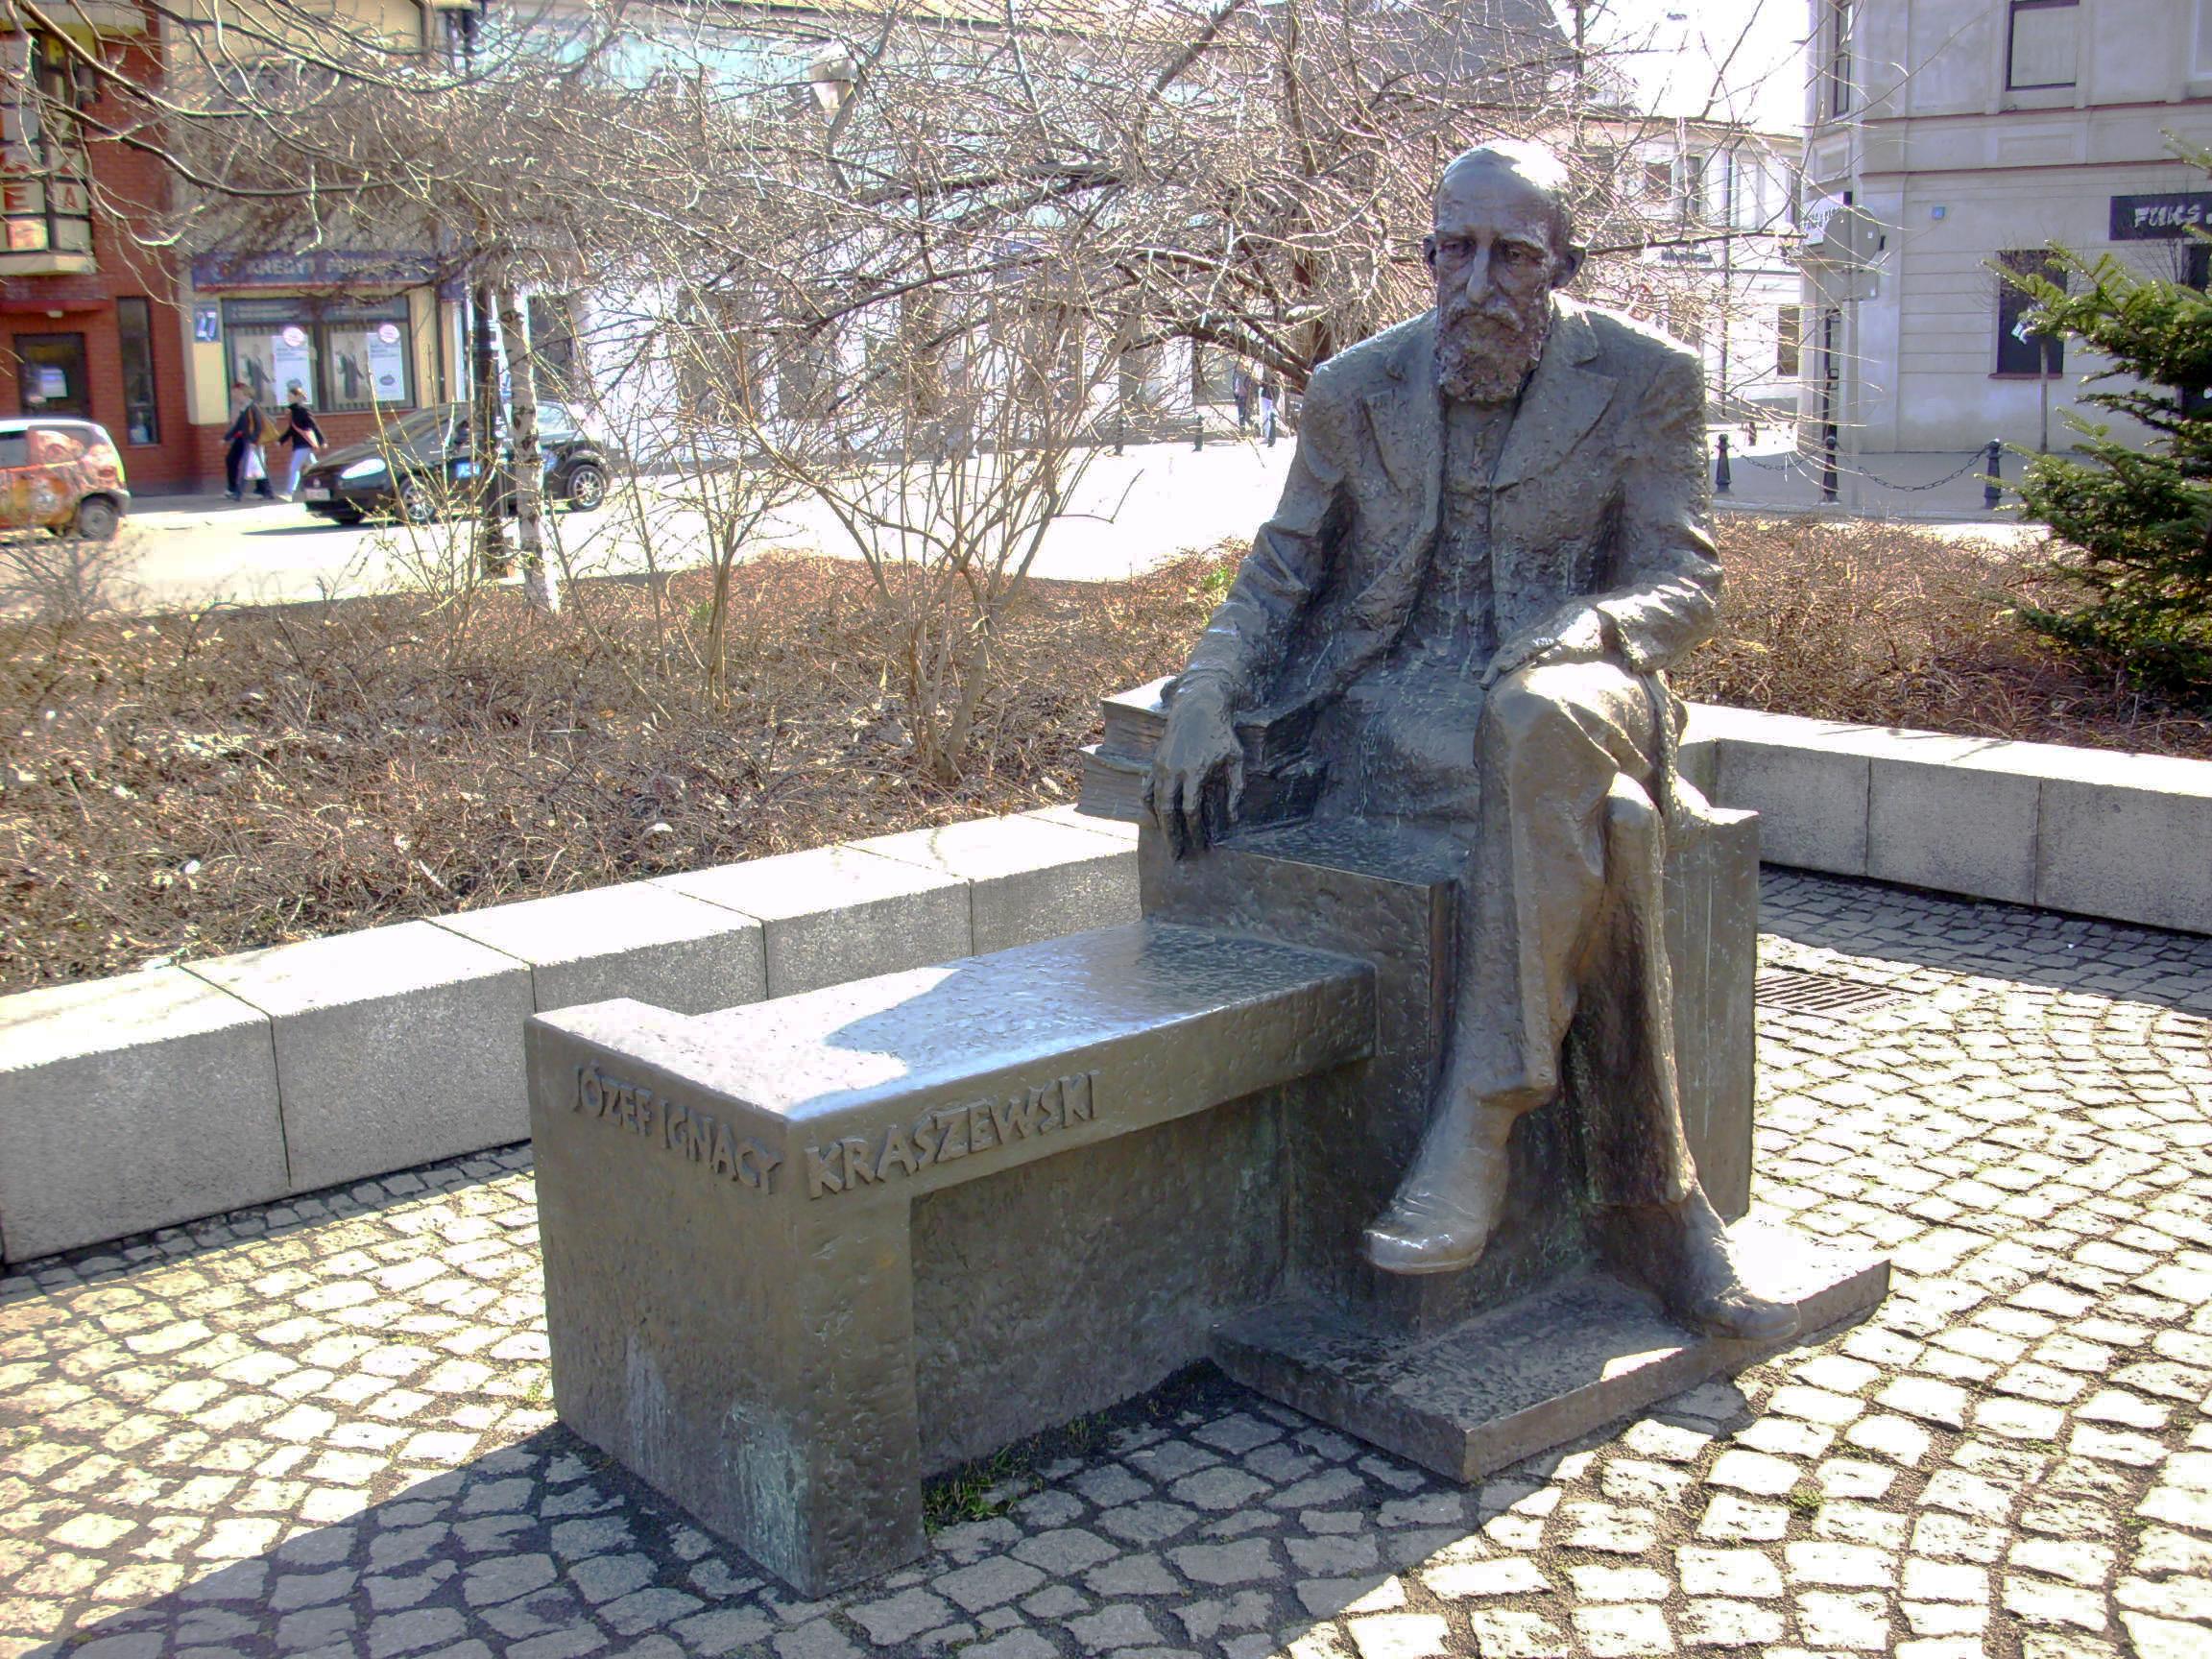 https://upload.wikimedia.org/wikipedia/commons/7/71/Biala-Podlaska-pomnik-Kraszewskiego.jpg